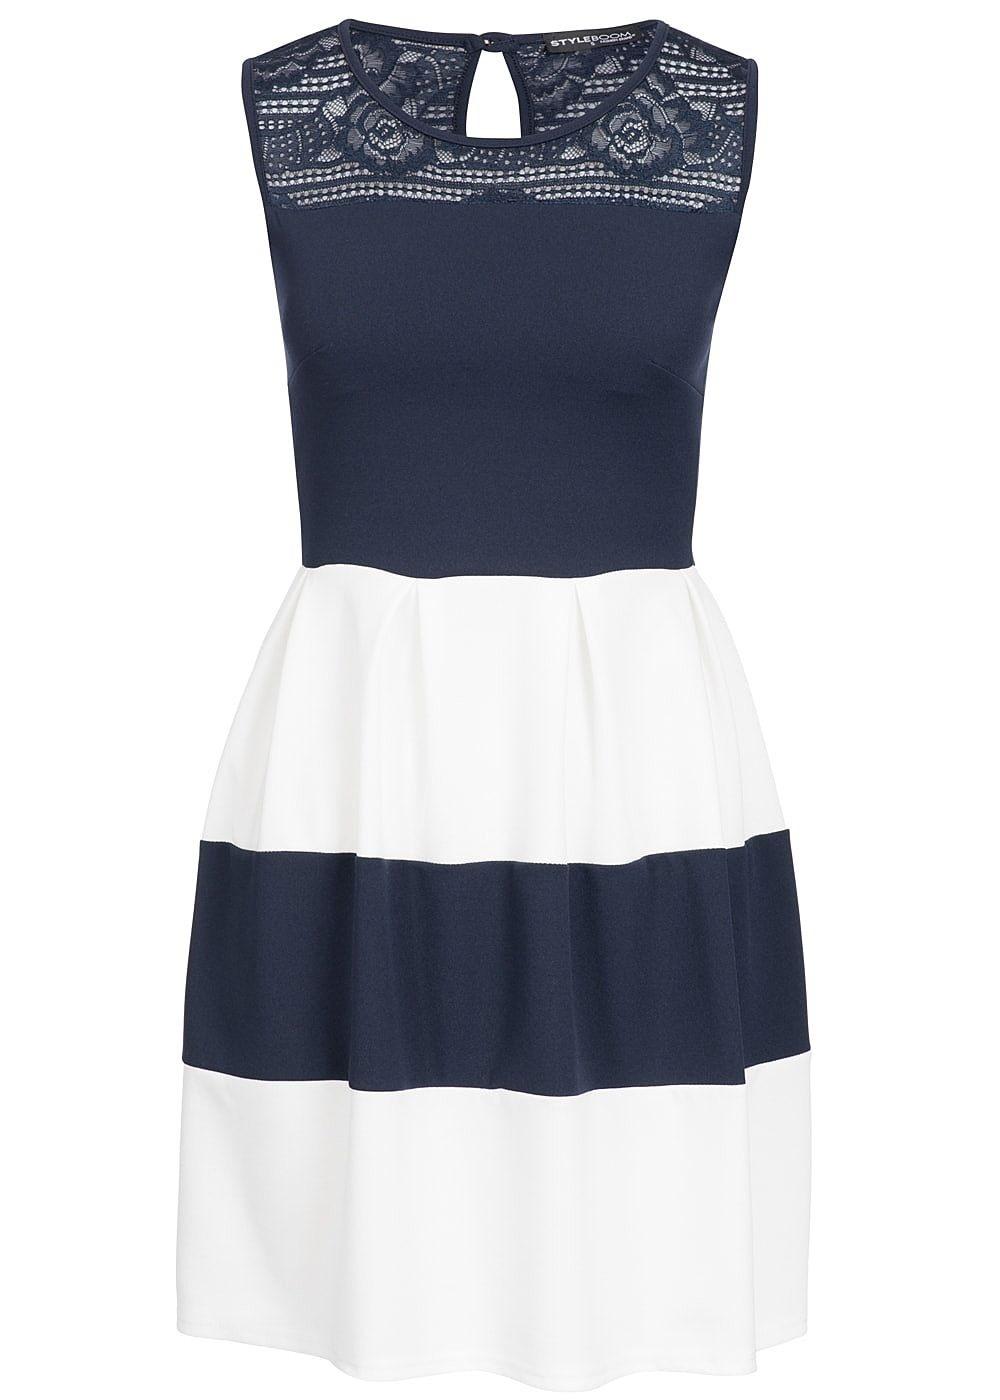 17 Elegant Kleid Blau Mit Spitze Spezialgebiet13 Perfekt Kleid Blau Mit Spitze für 2019